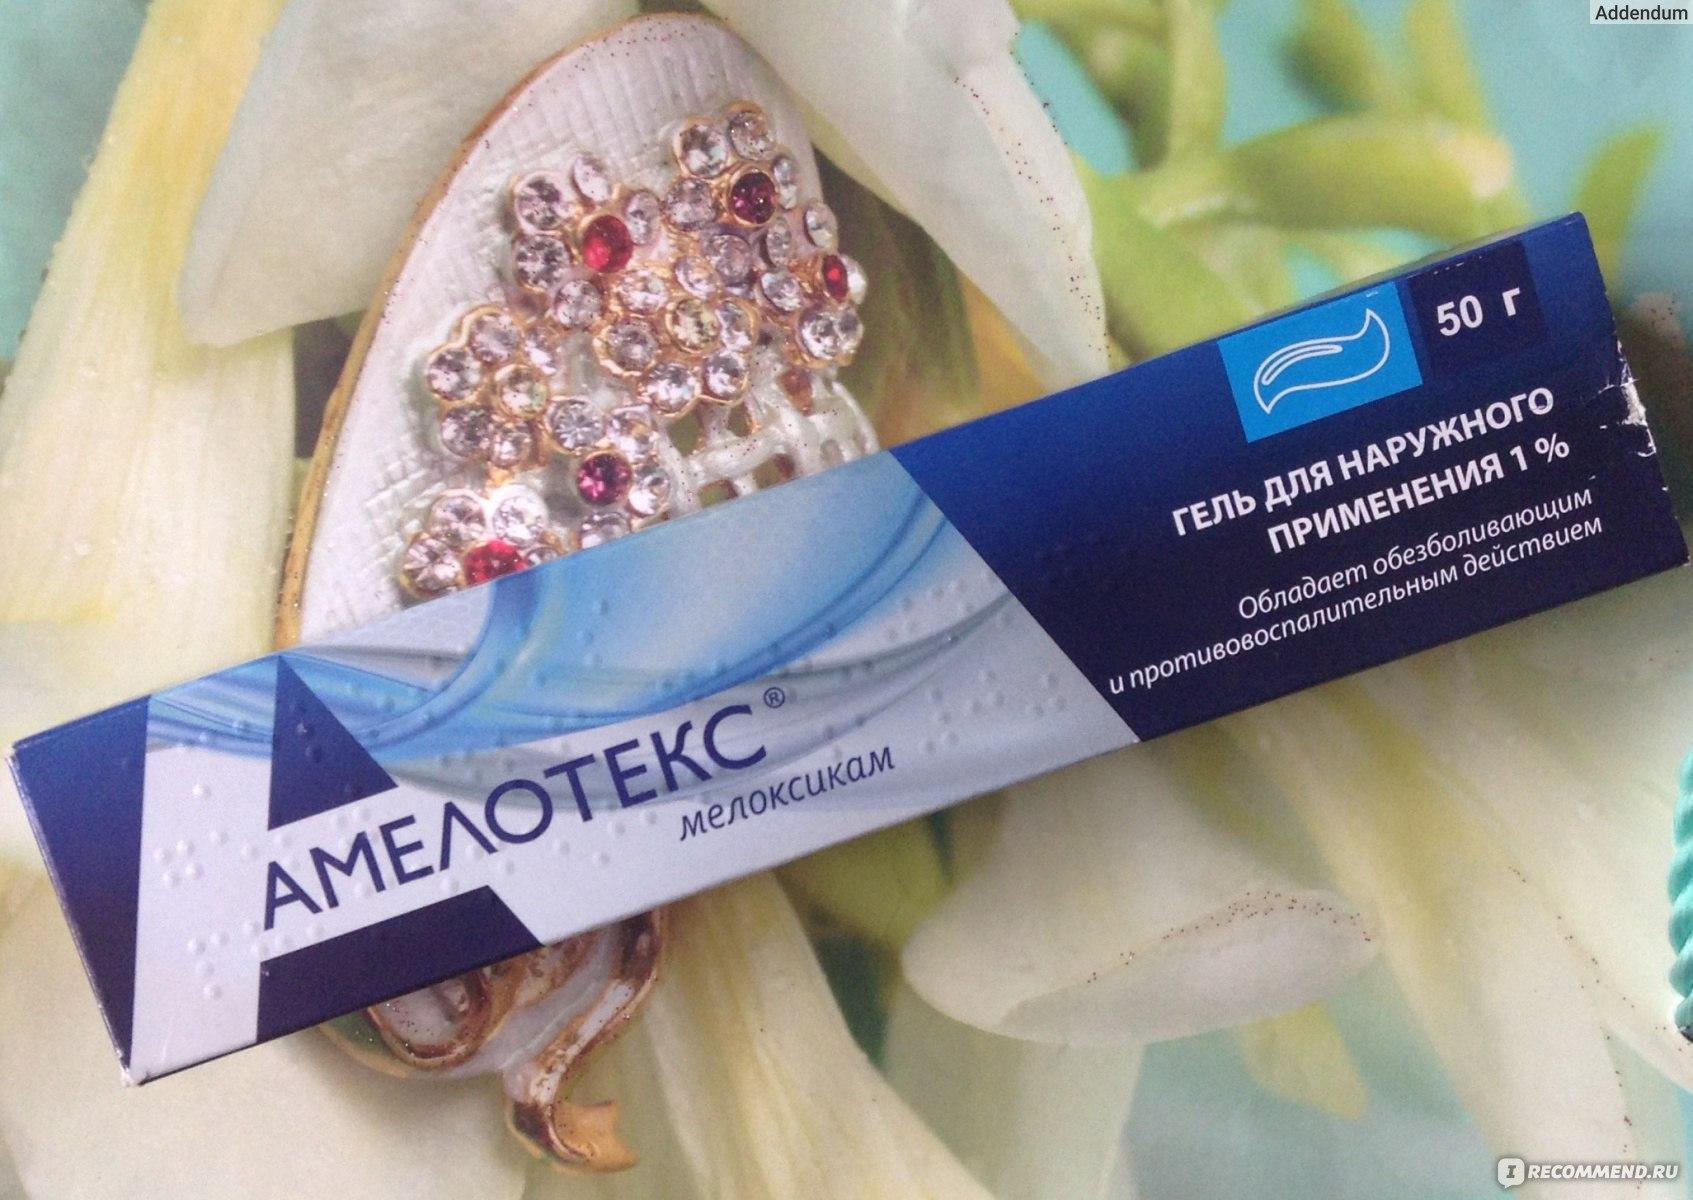 Чем заменить амелотекс гель — аналоги на российском рынке